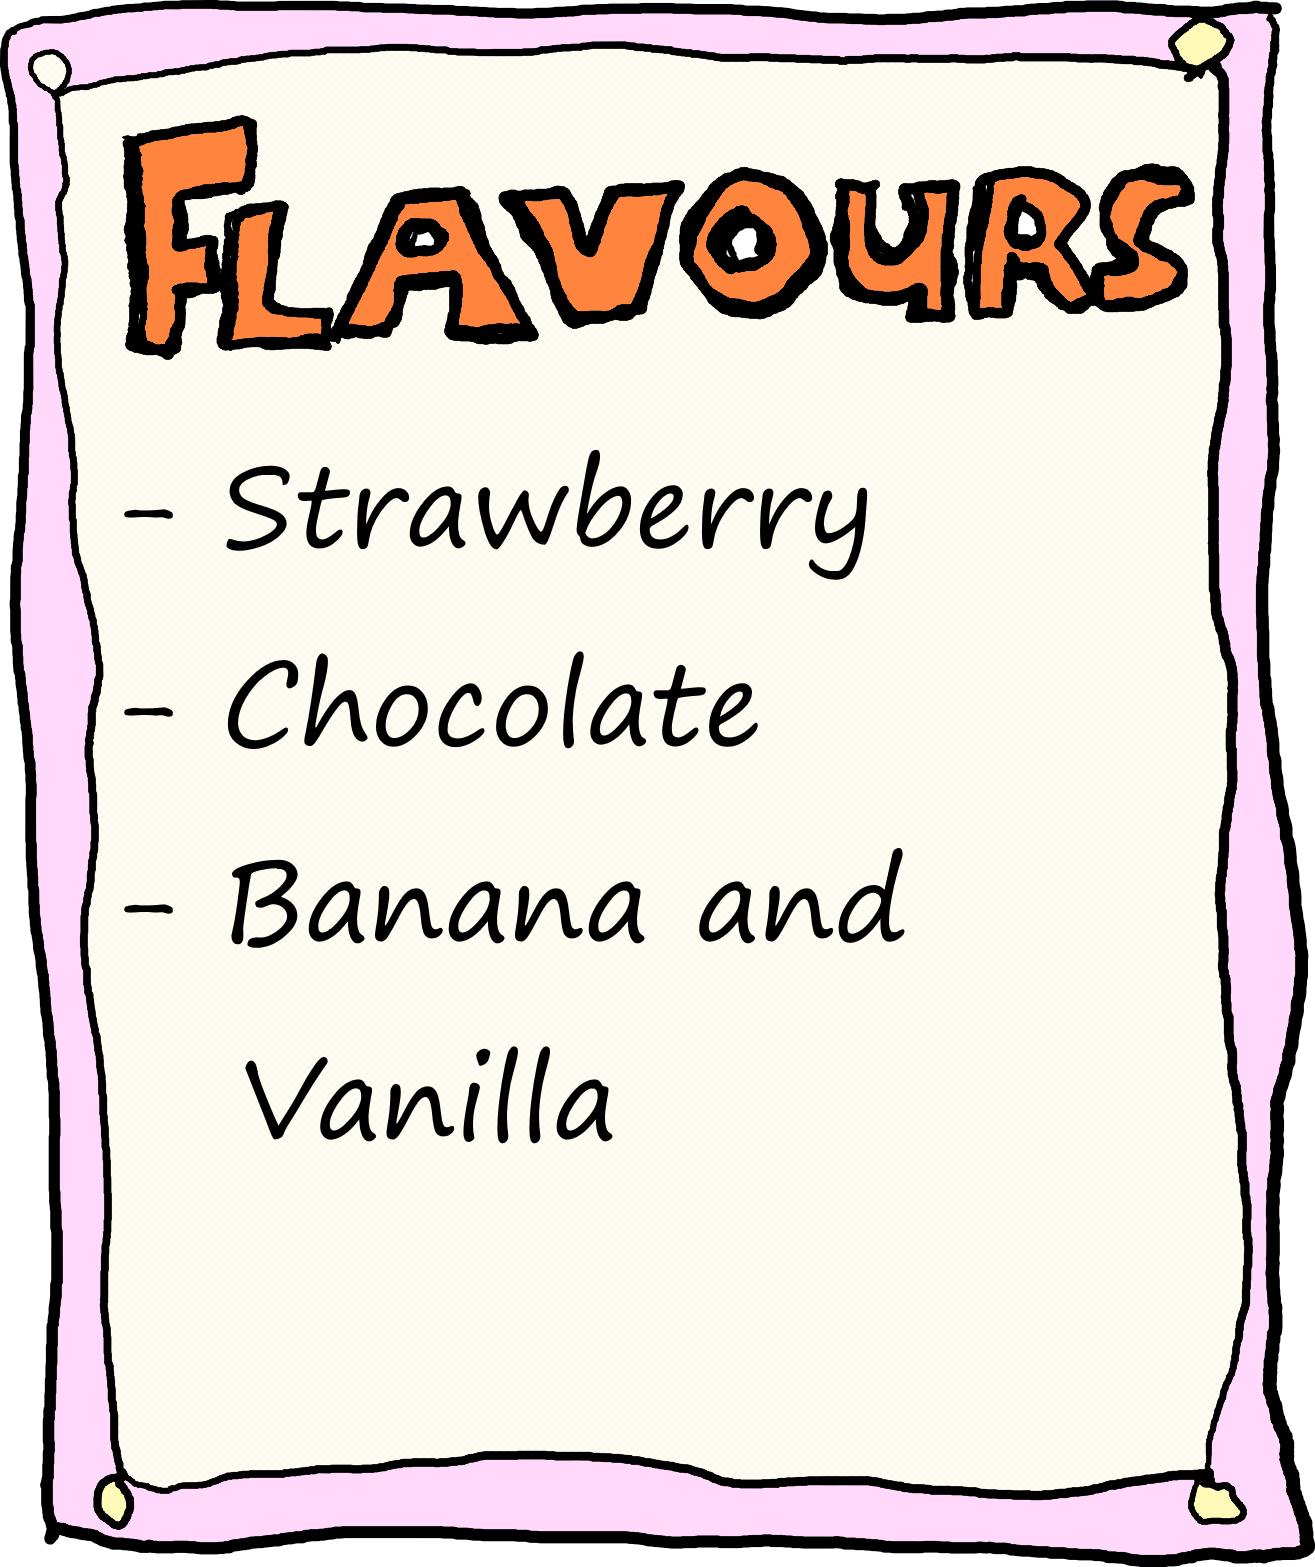 Milkshake Flavours: Strawberry, Chocolate, Banana and Vanilla.